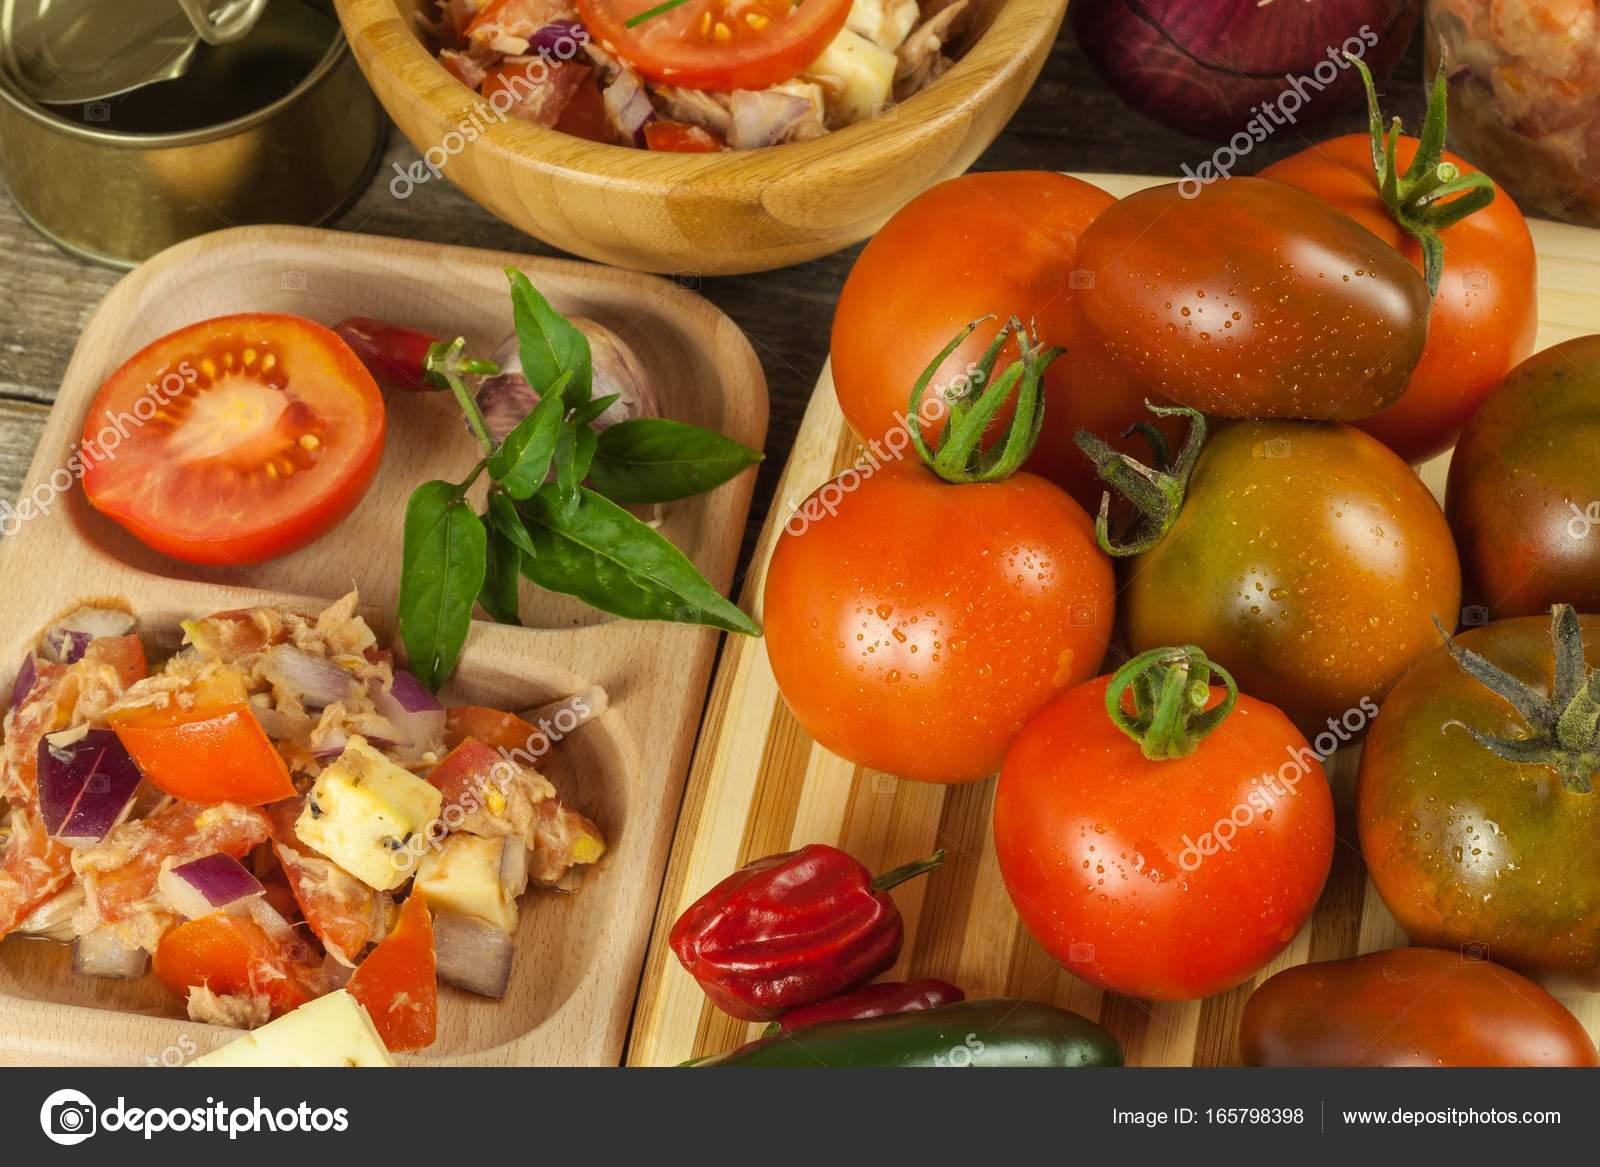 Yemeklerde Domates Nasıl Kullanılır